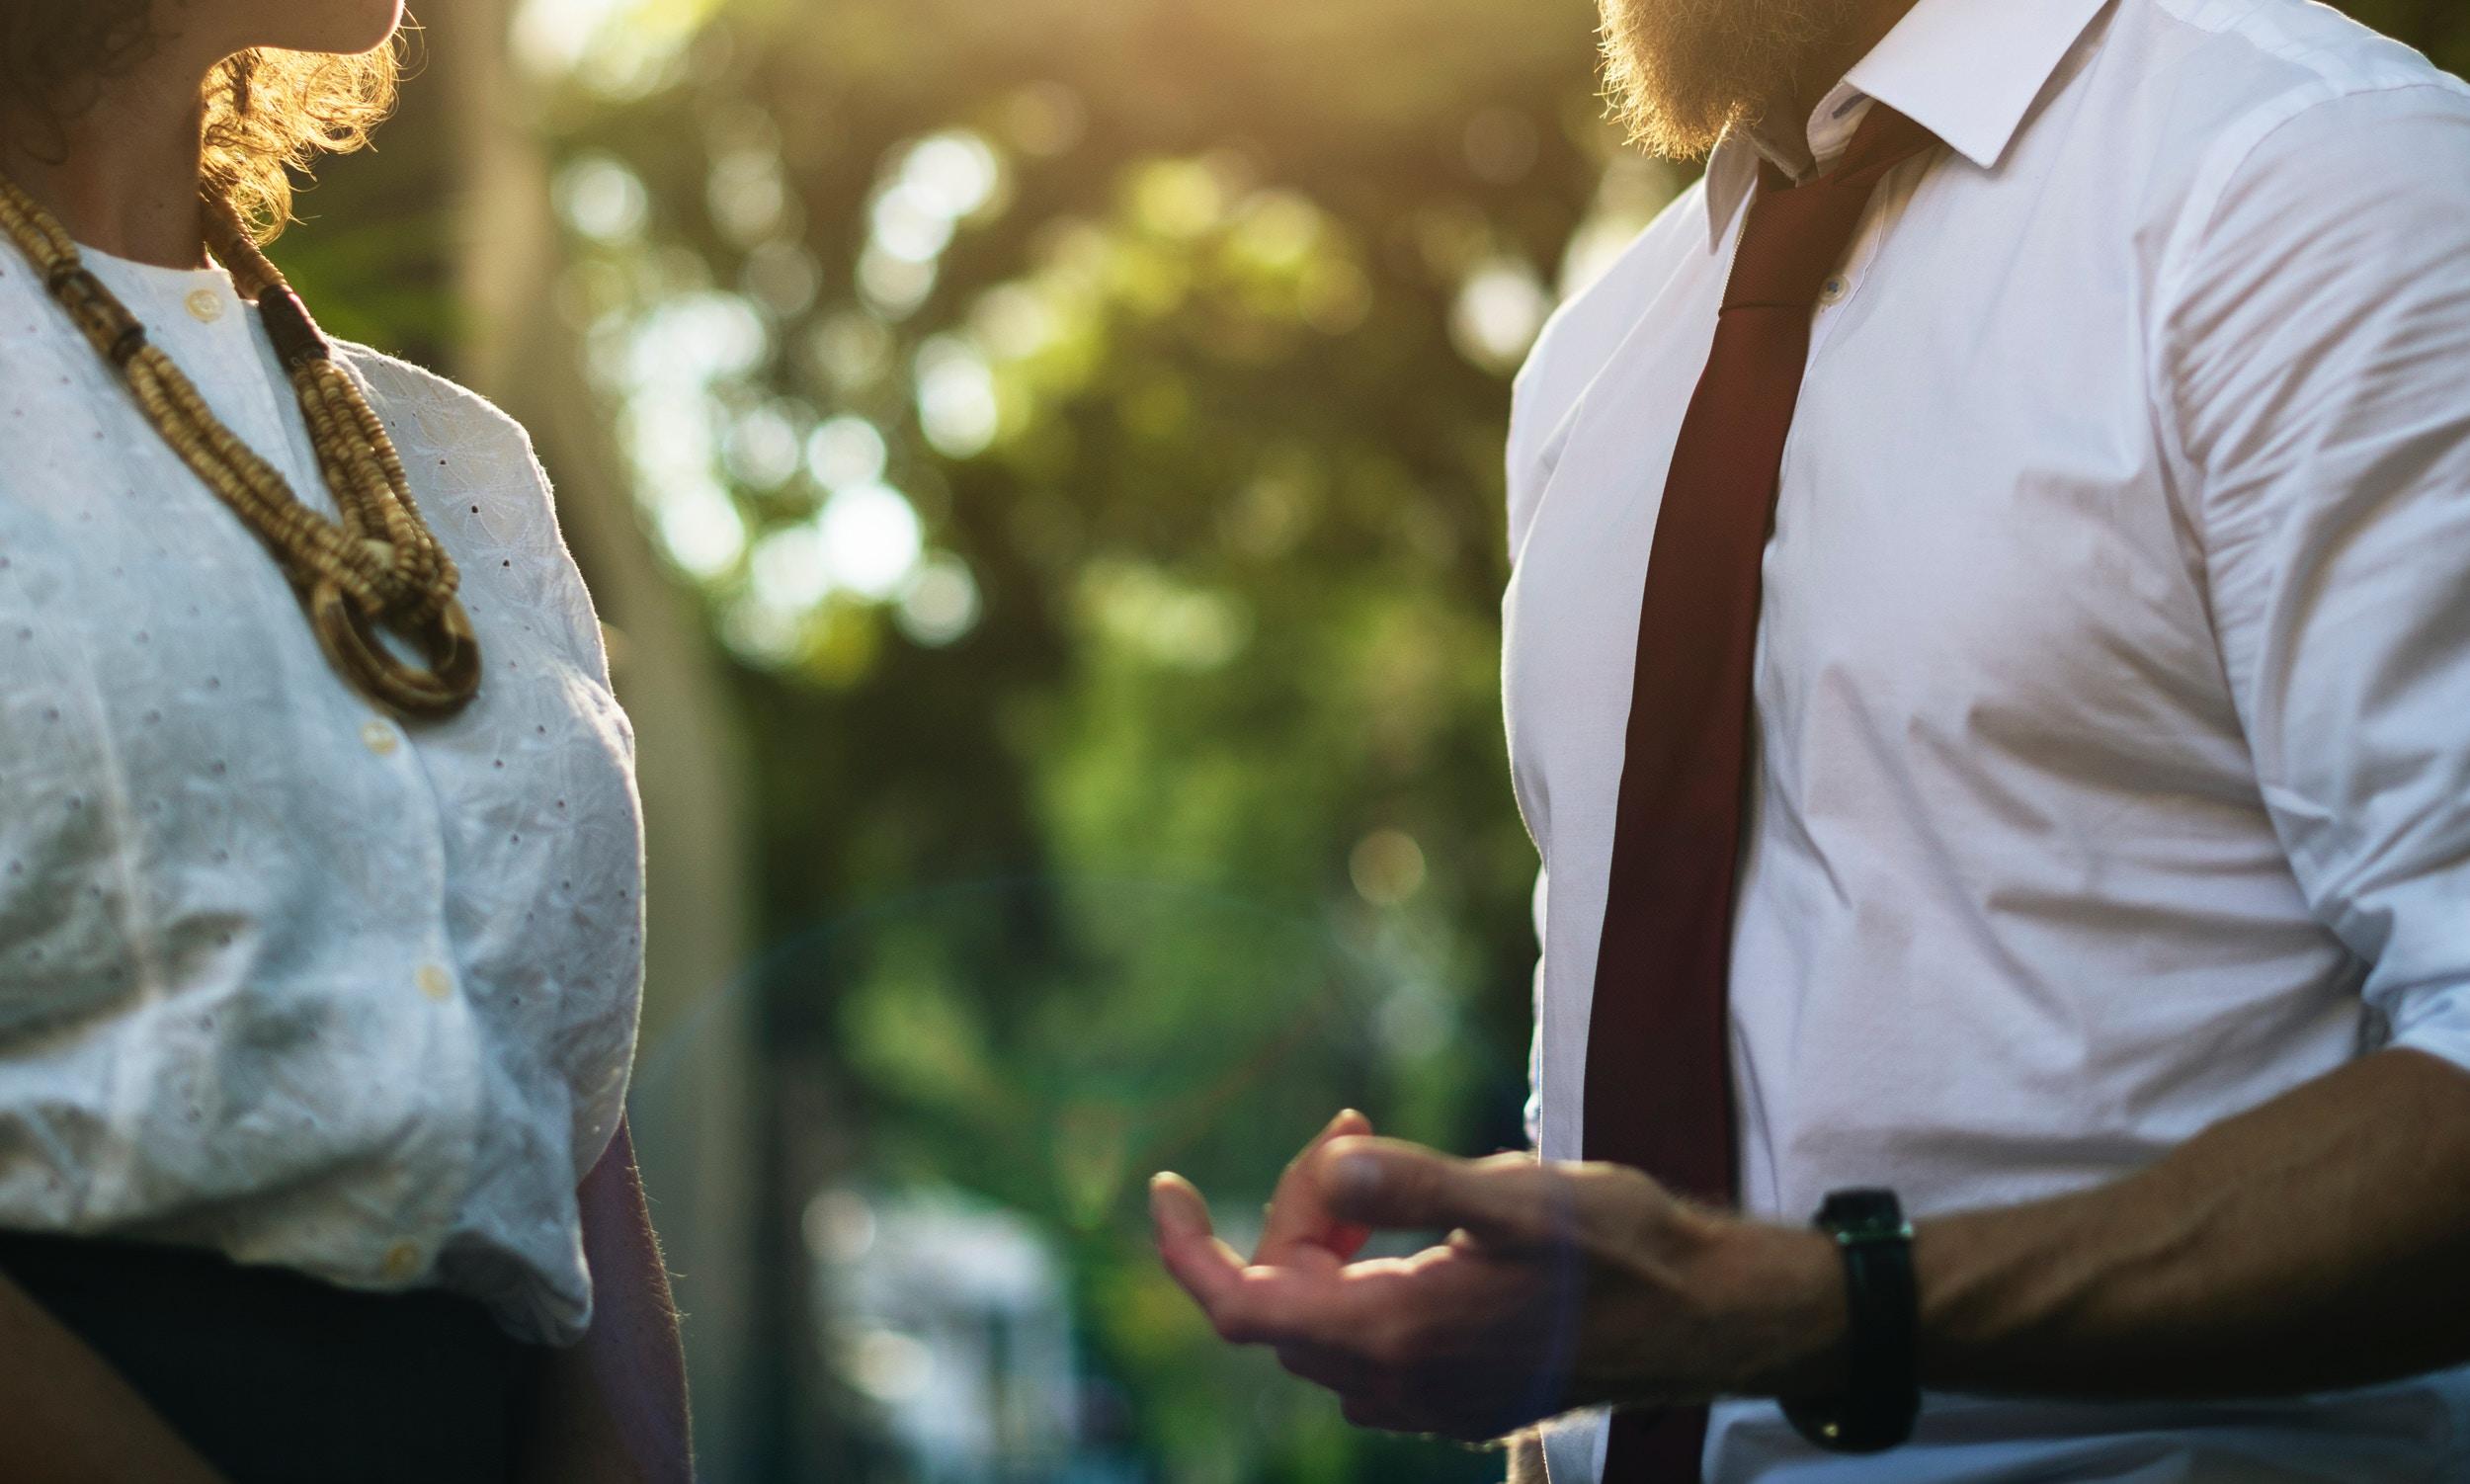 man and women stood in work wear